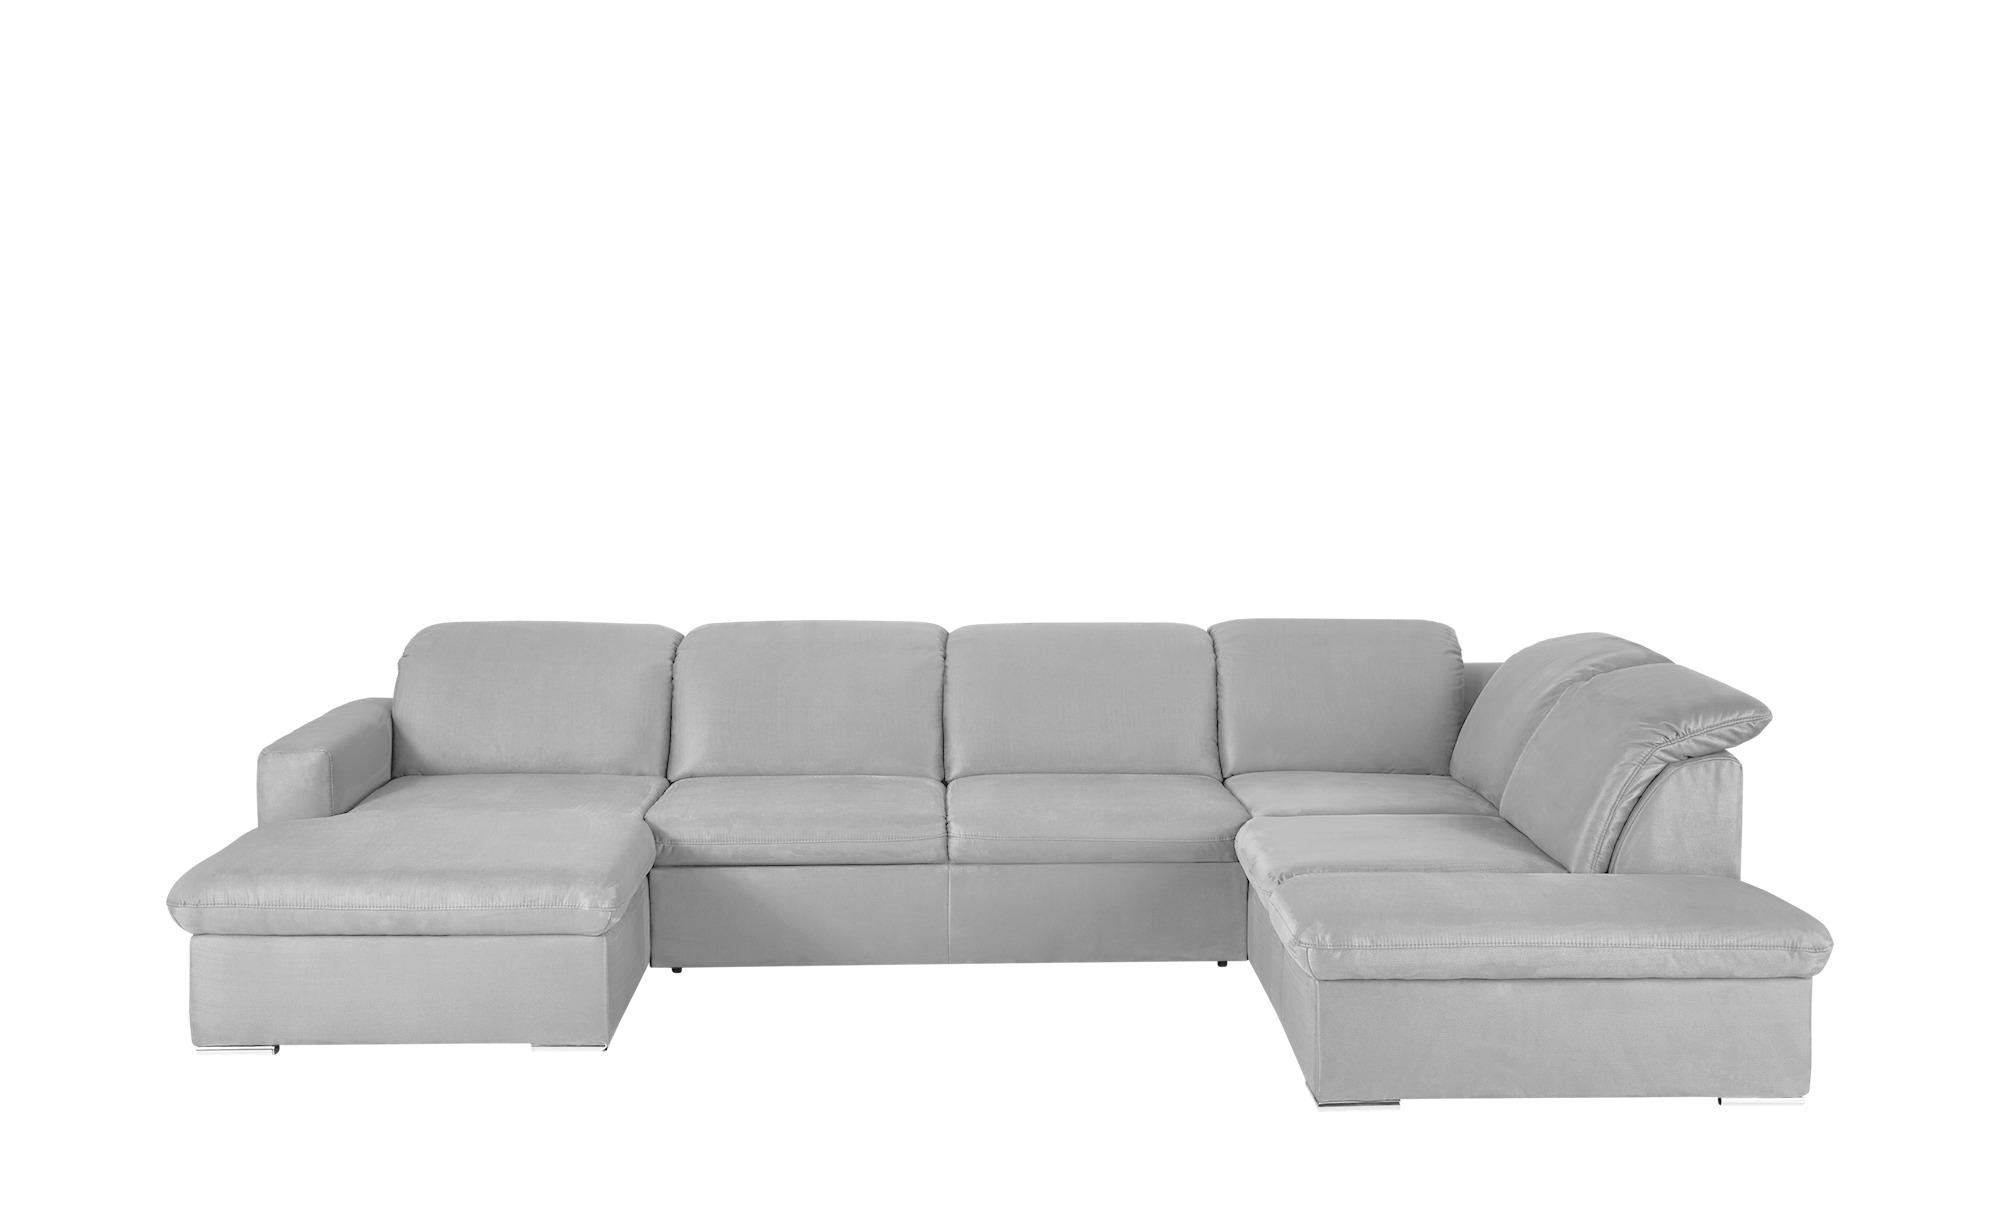 wohnlandschaft chianti breite h he 79 cm grau online kaufen bei woonio. Black Bedroom Furniture Sets. Home Design Ideas